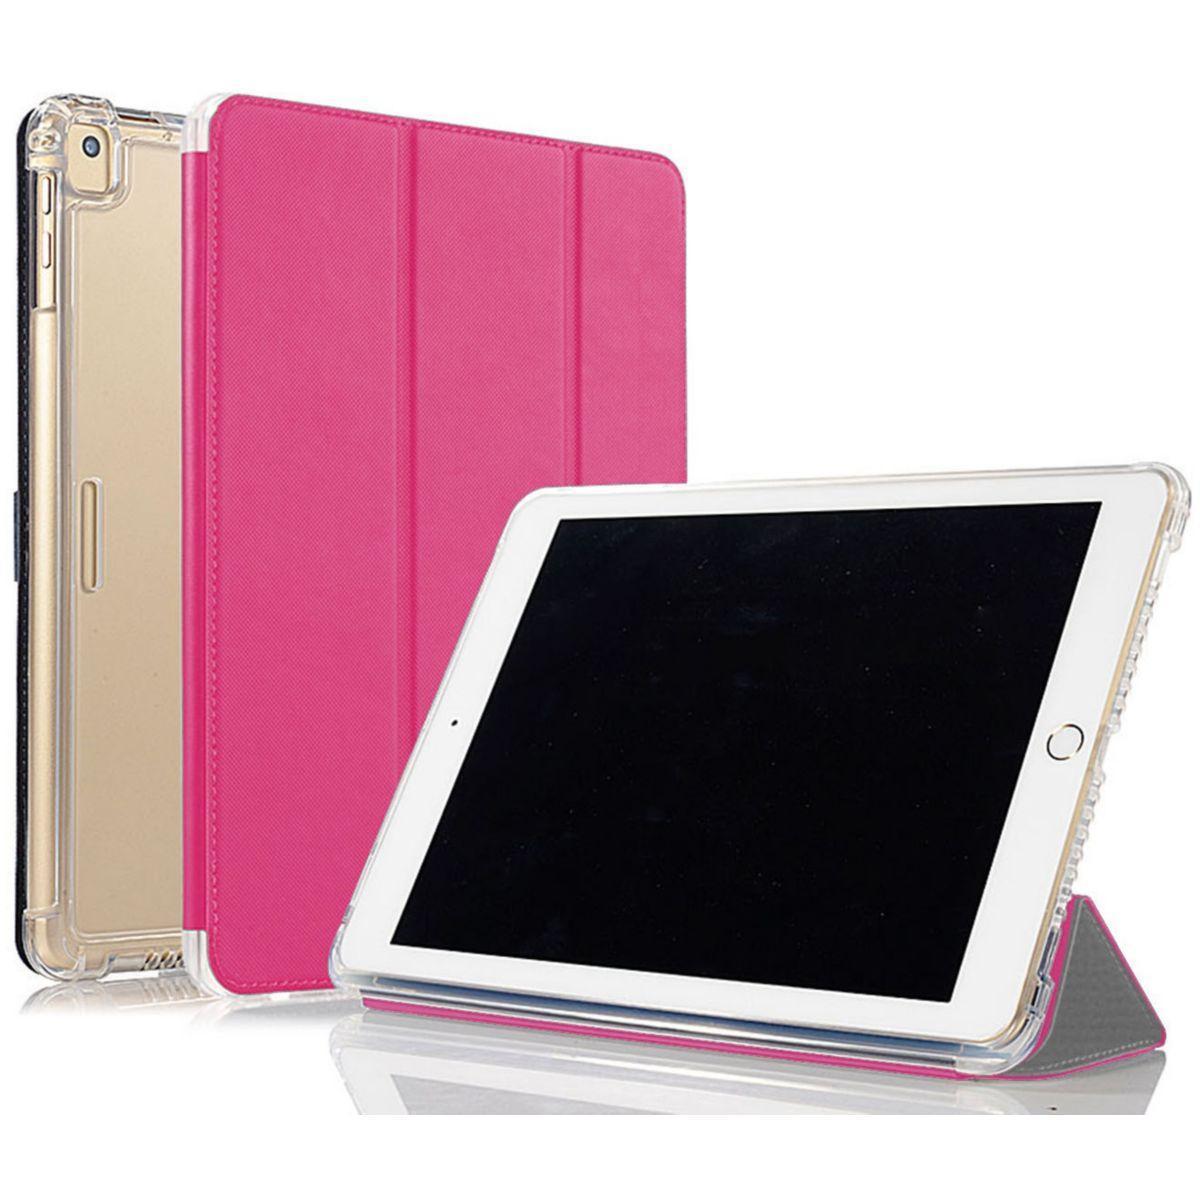 Coque ibroz antichoc + smart cover ipad 9.7 rose - livraison offerte : code premium (photo)